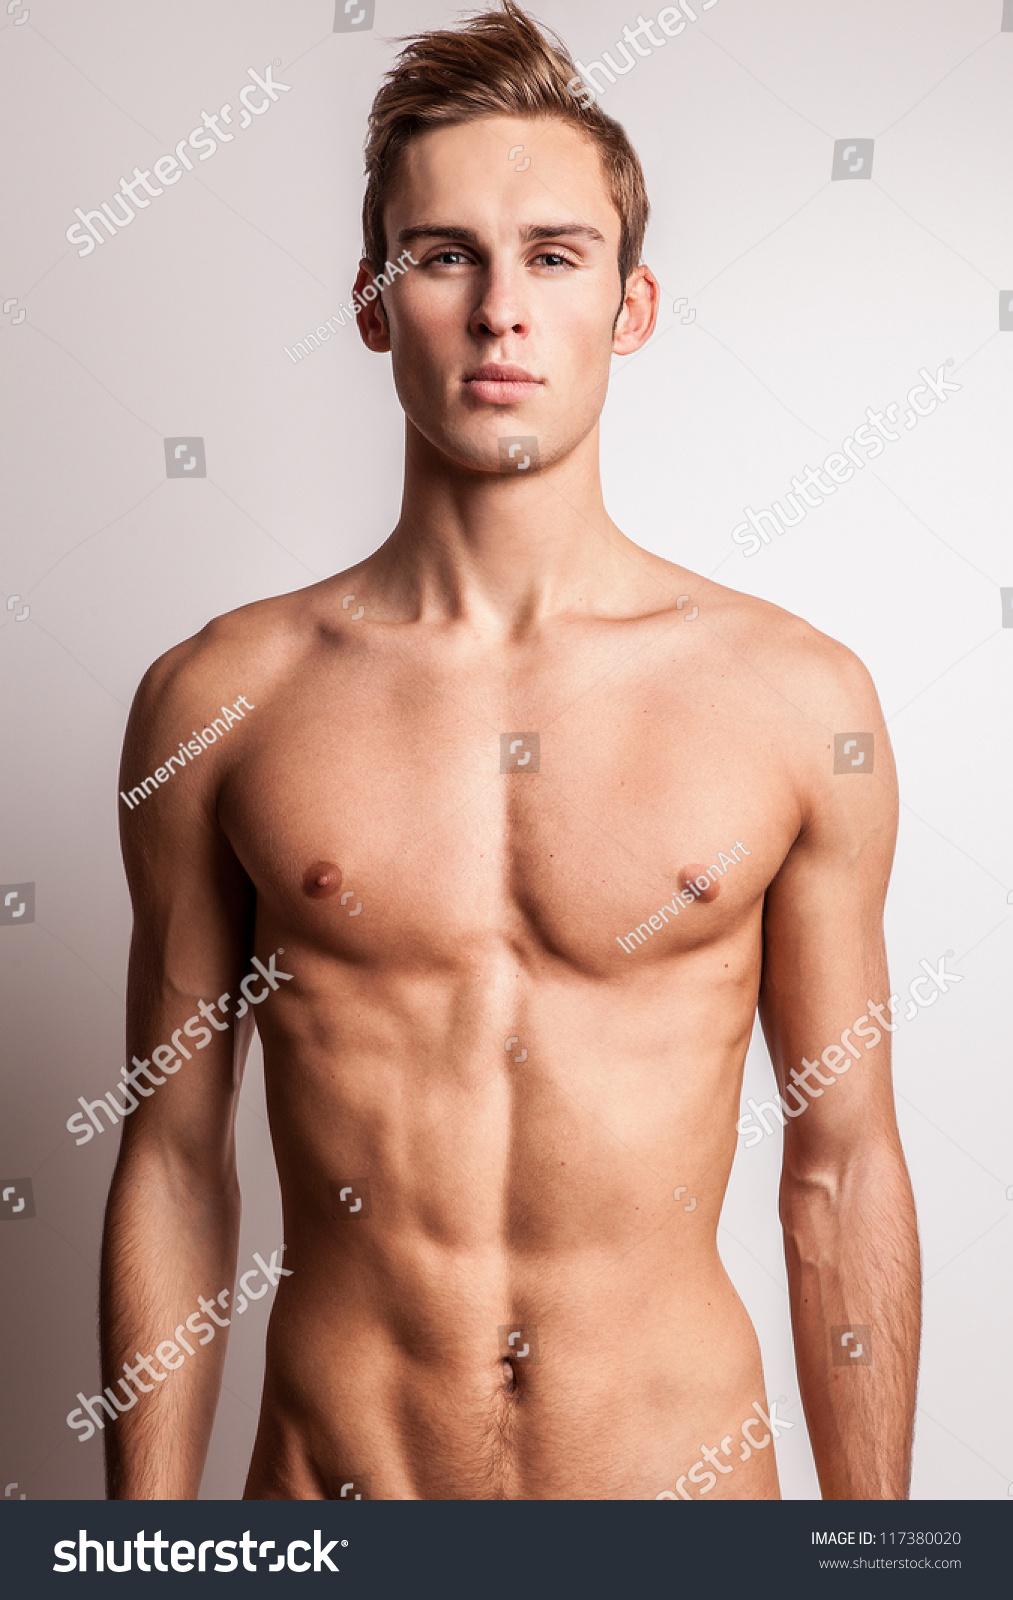 man model naked blog